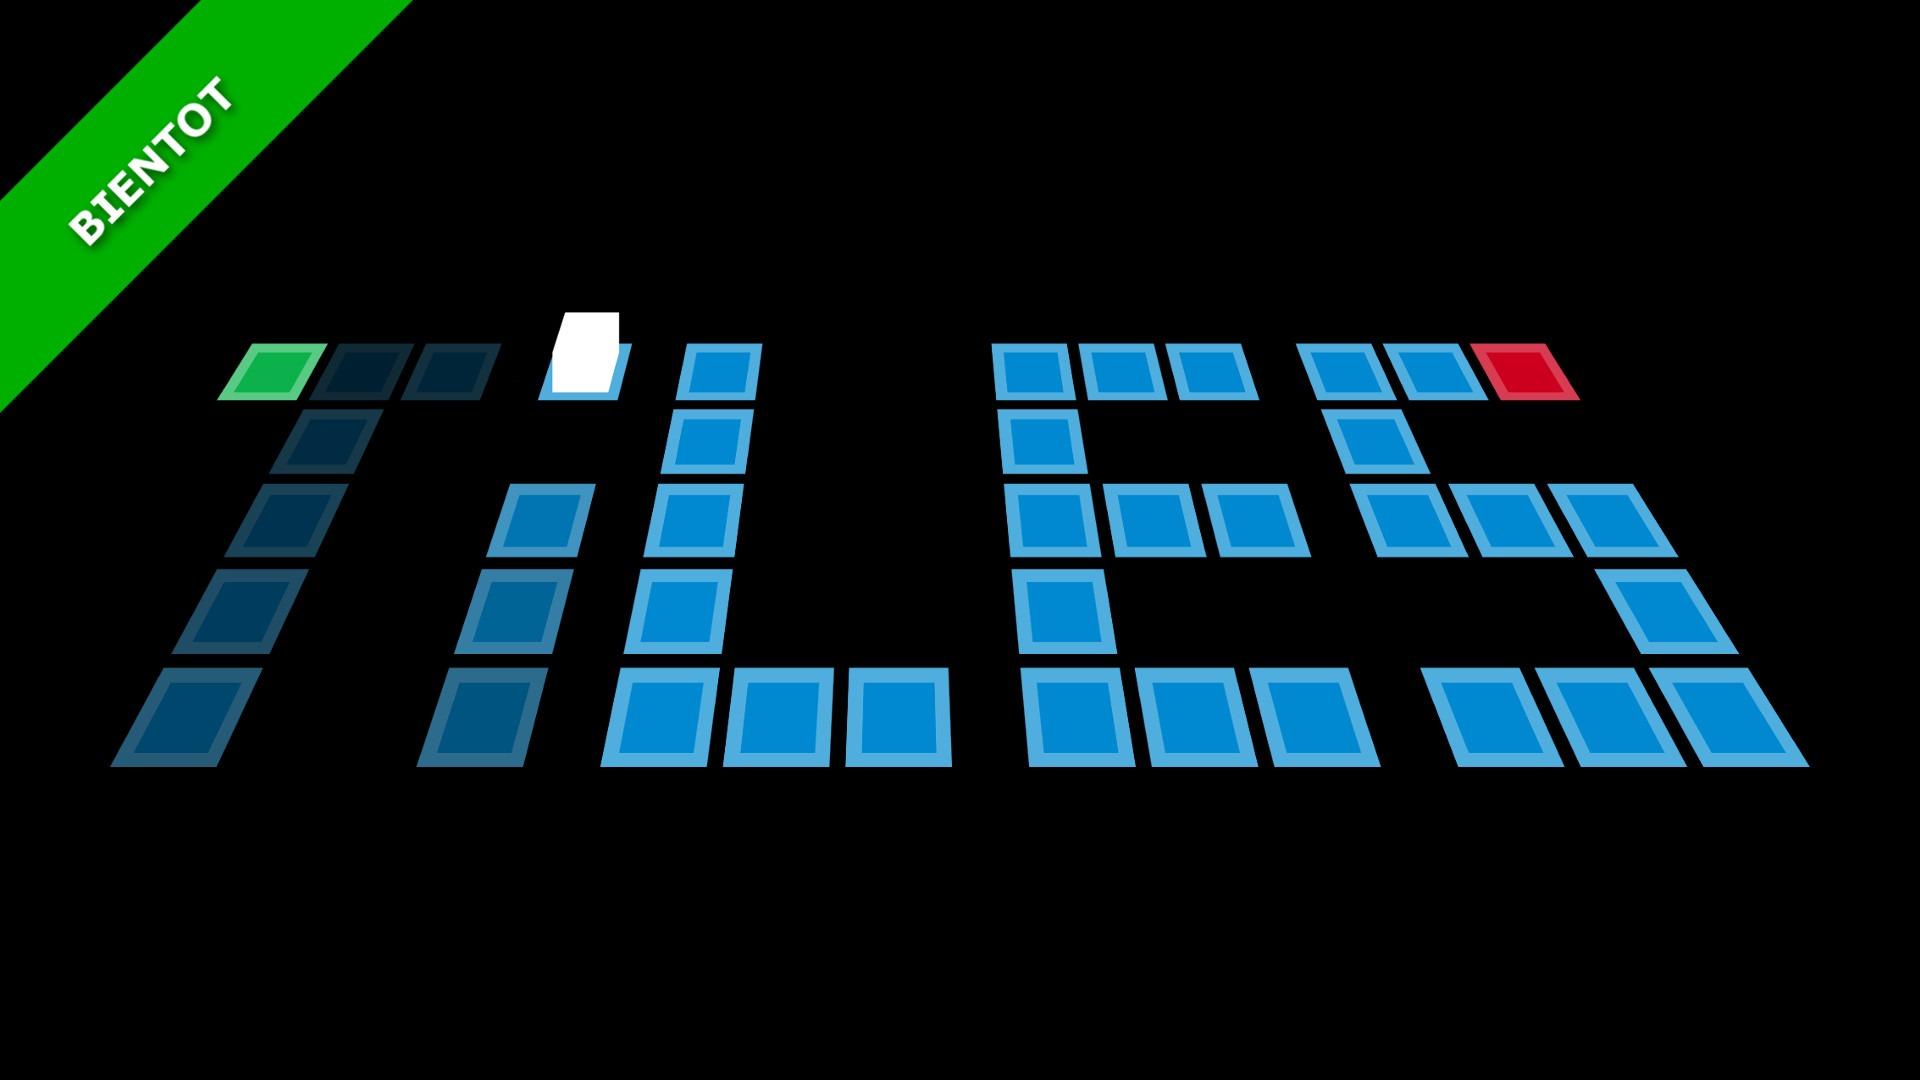 Foyer Tile Xbox One : Êtes vous prêt à affronter tiles sur xbox one dès demain